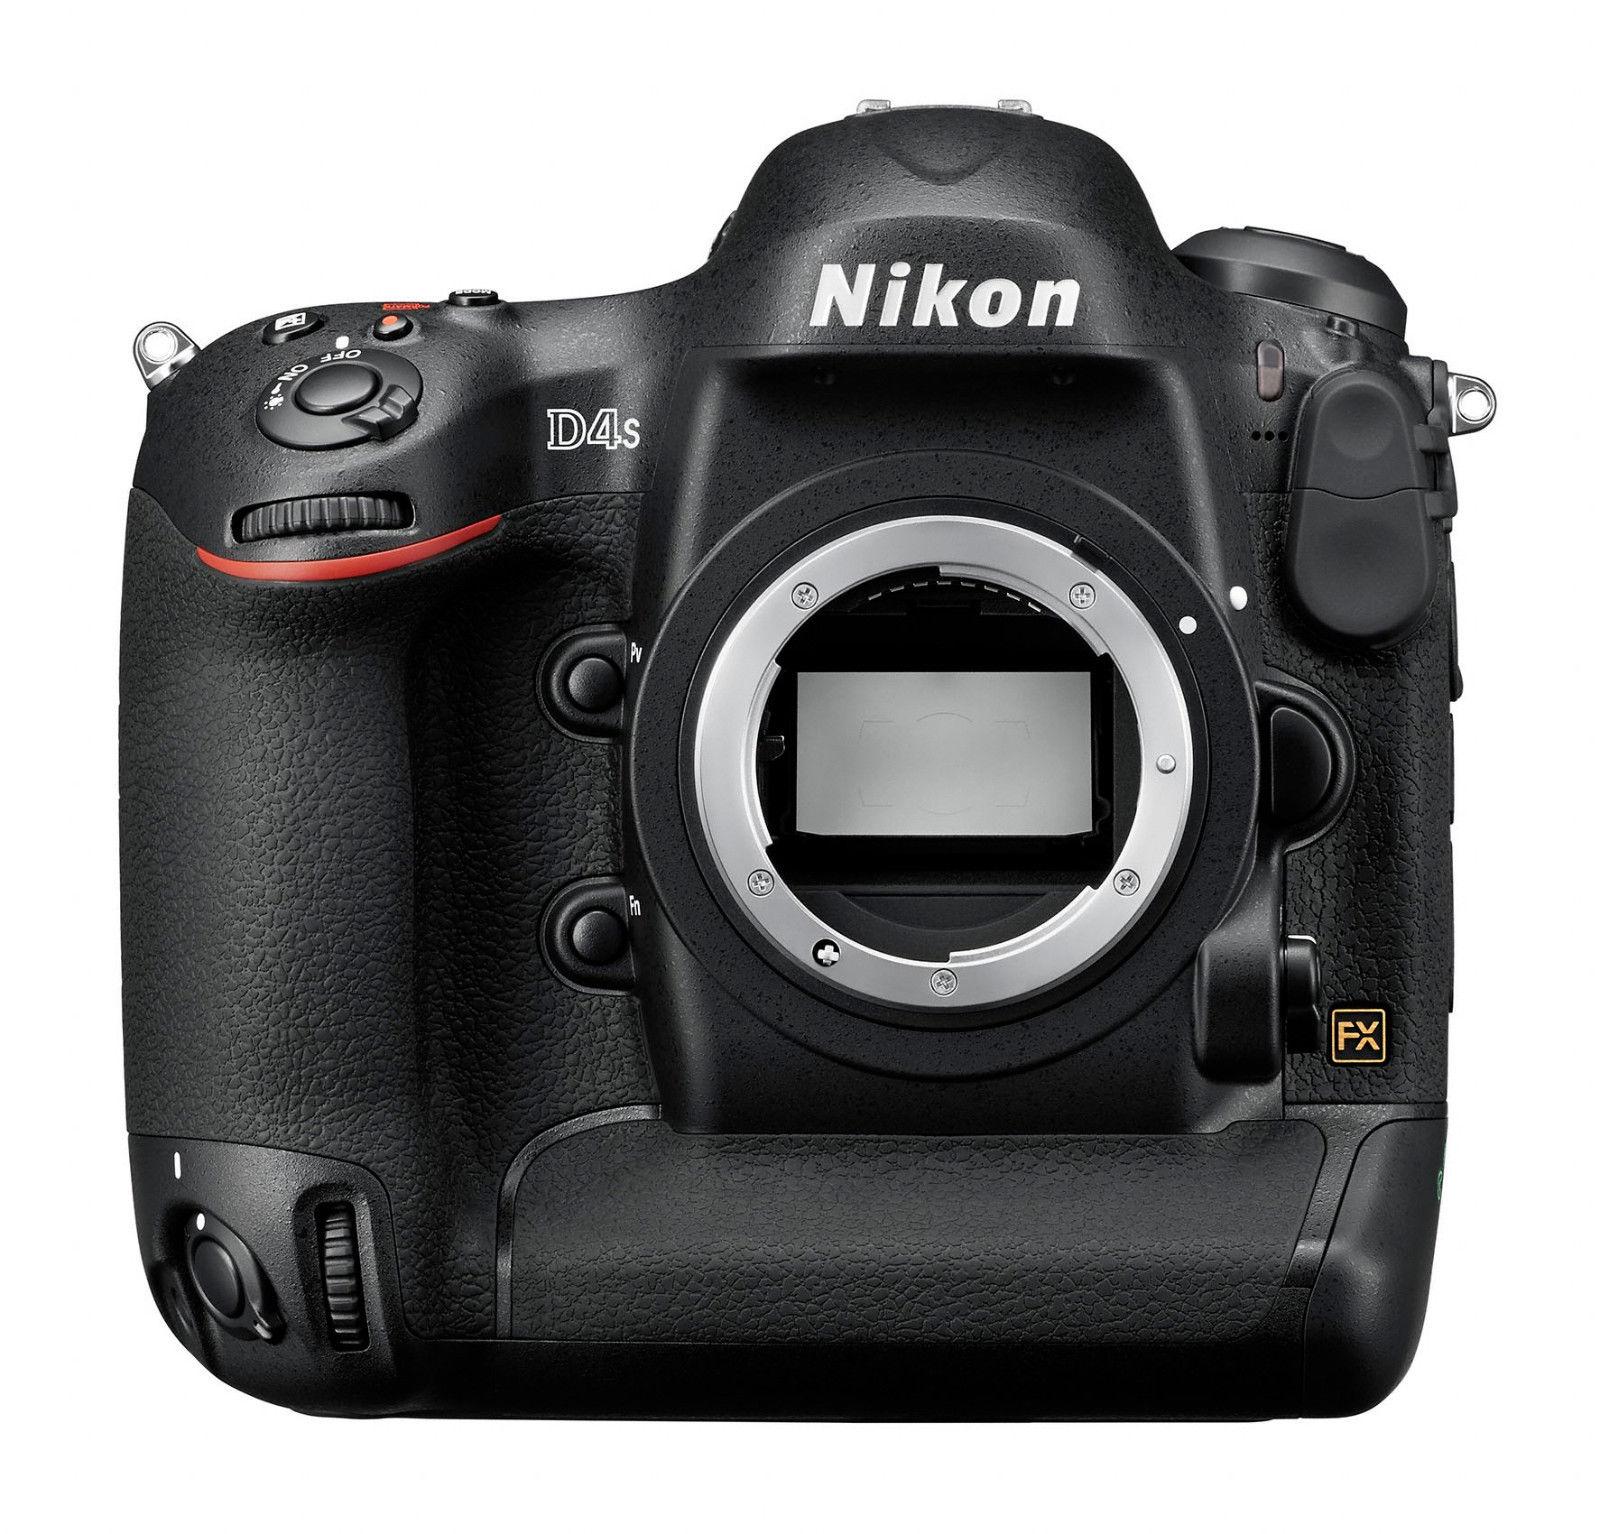 Spiegelreflexkamera Nikon D4s (16.2 MP) DSLR, GEHÄUSE, GEBRAUCHTWARE